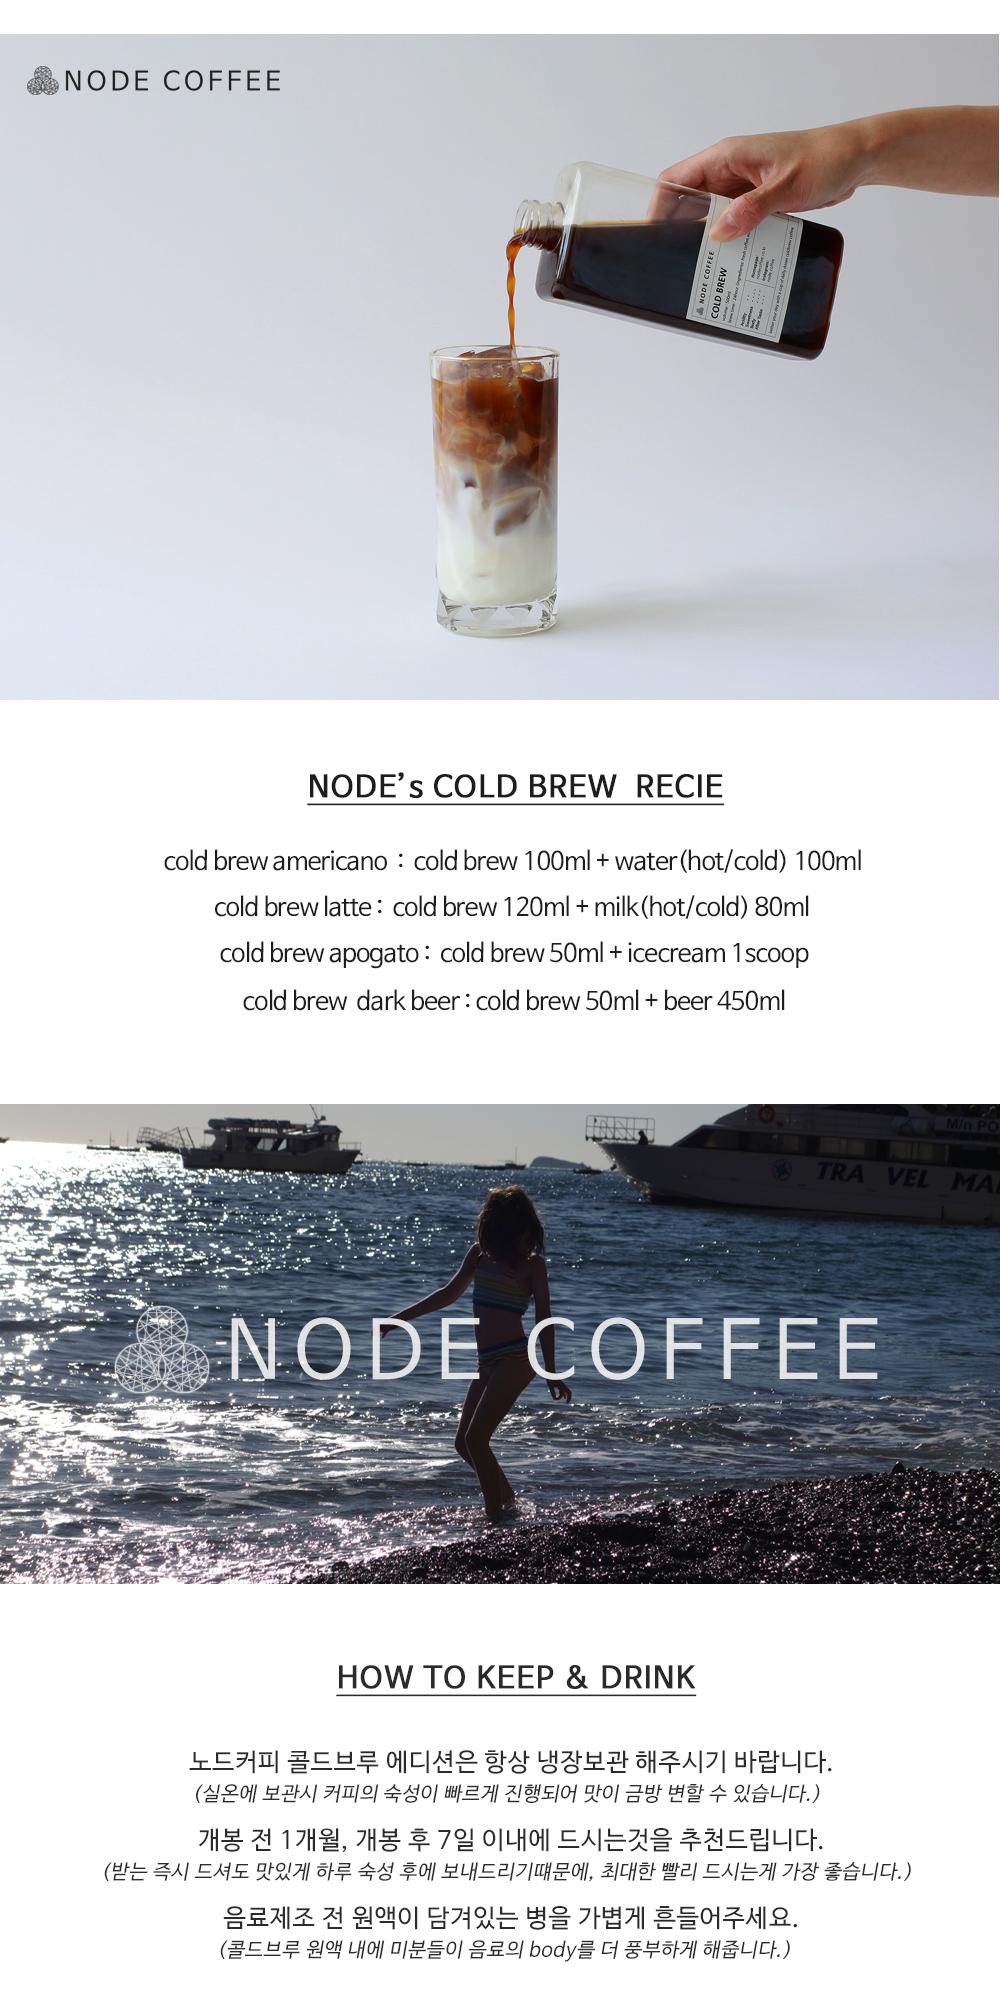 노드커피 콜드브루 원액 음료용(500ml) - 노드커피, 14,900원, 커피, 더치커피